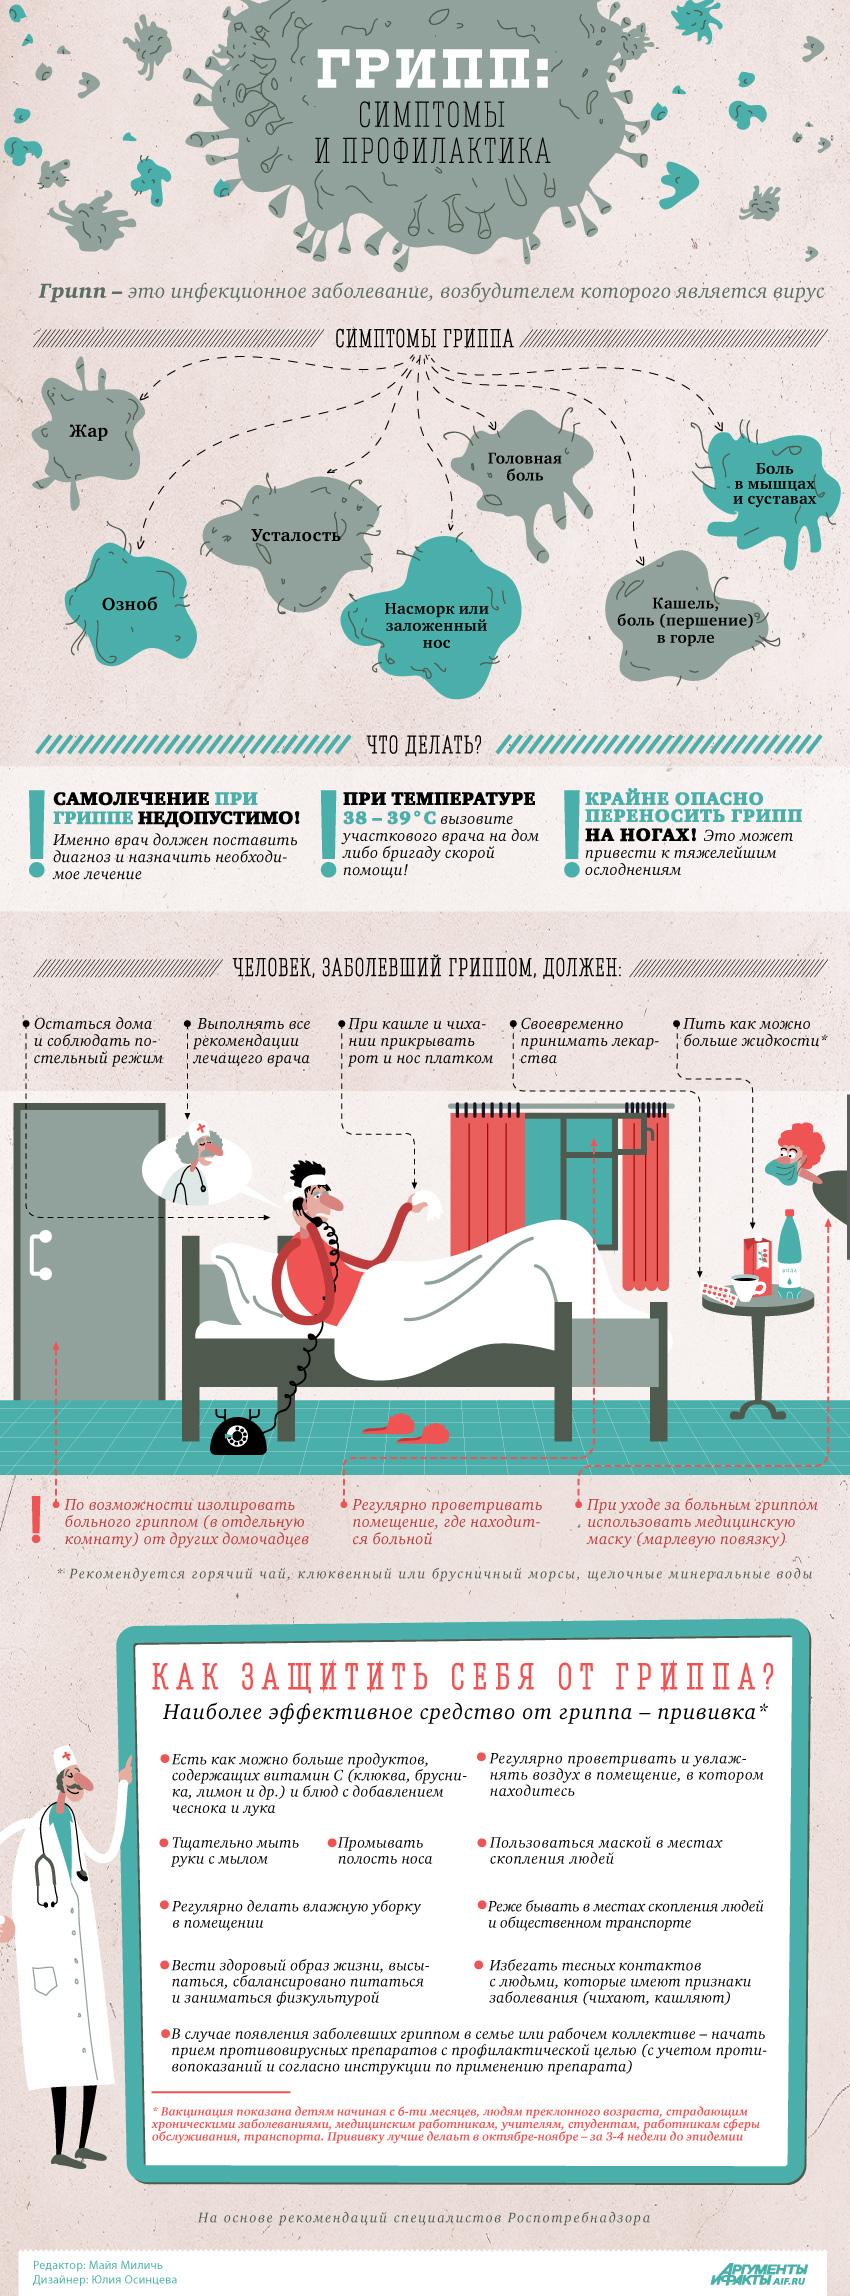 Что такое грипп и какова его опасность?